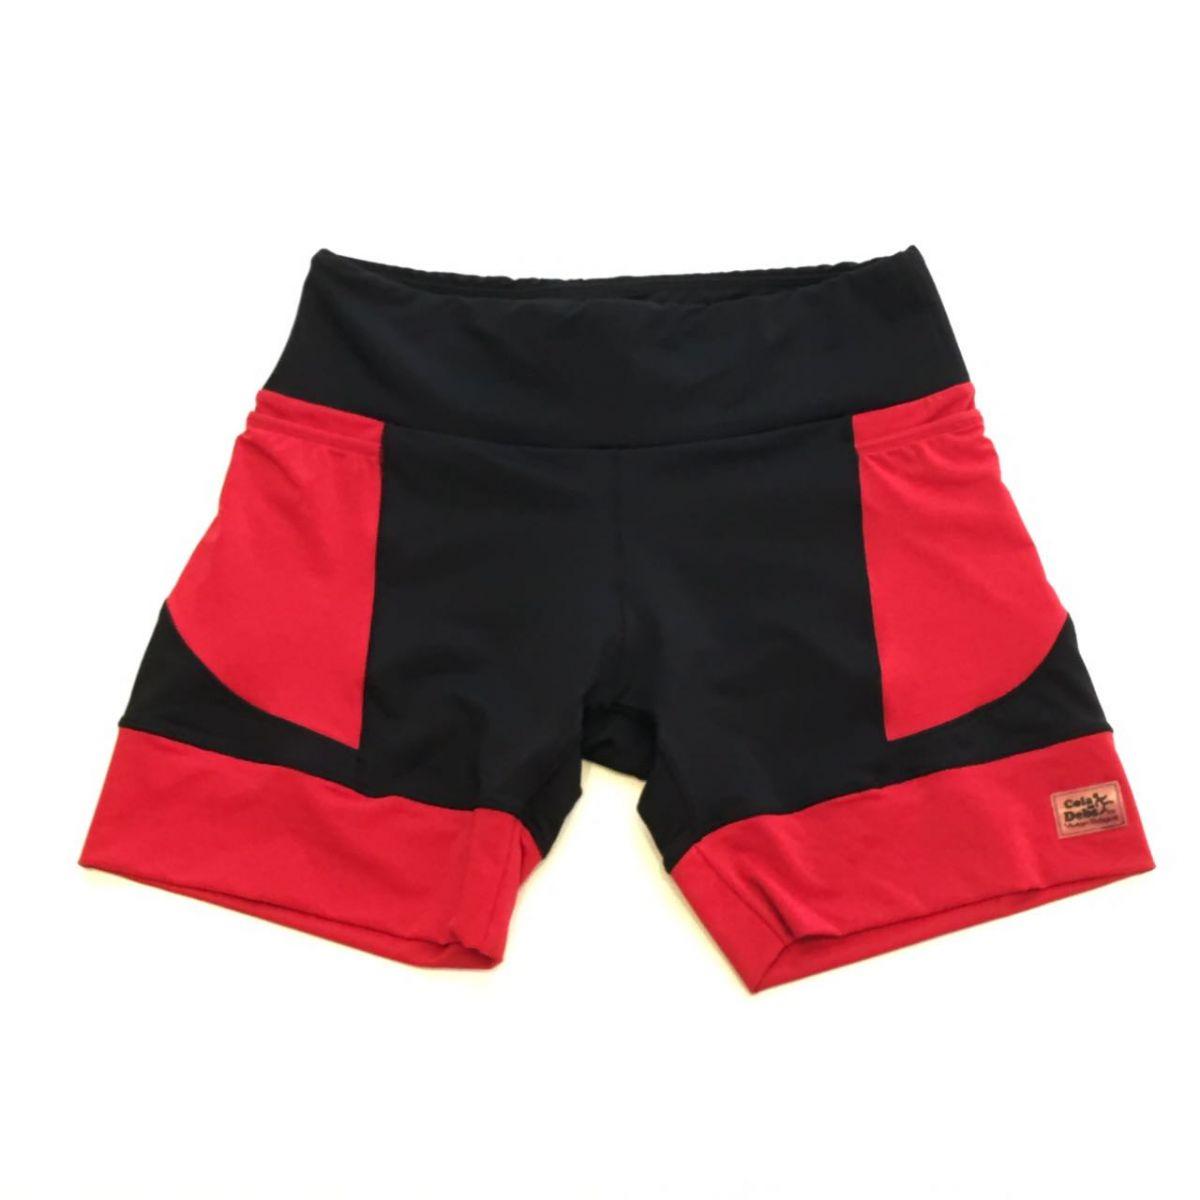 Shorts de compressão em compress preto com bolsos e barra vermelho